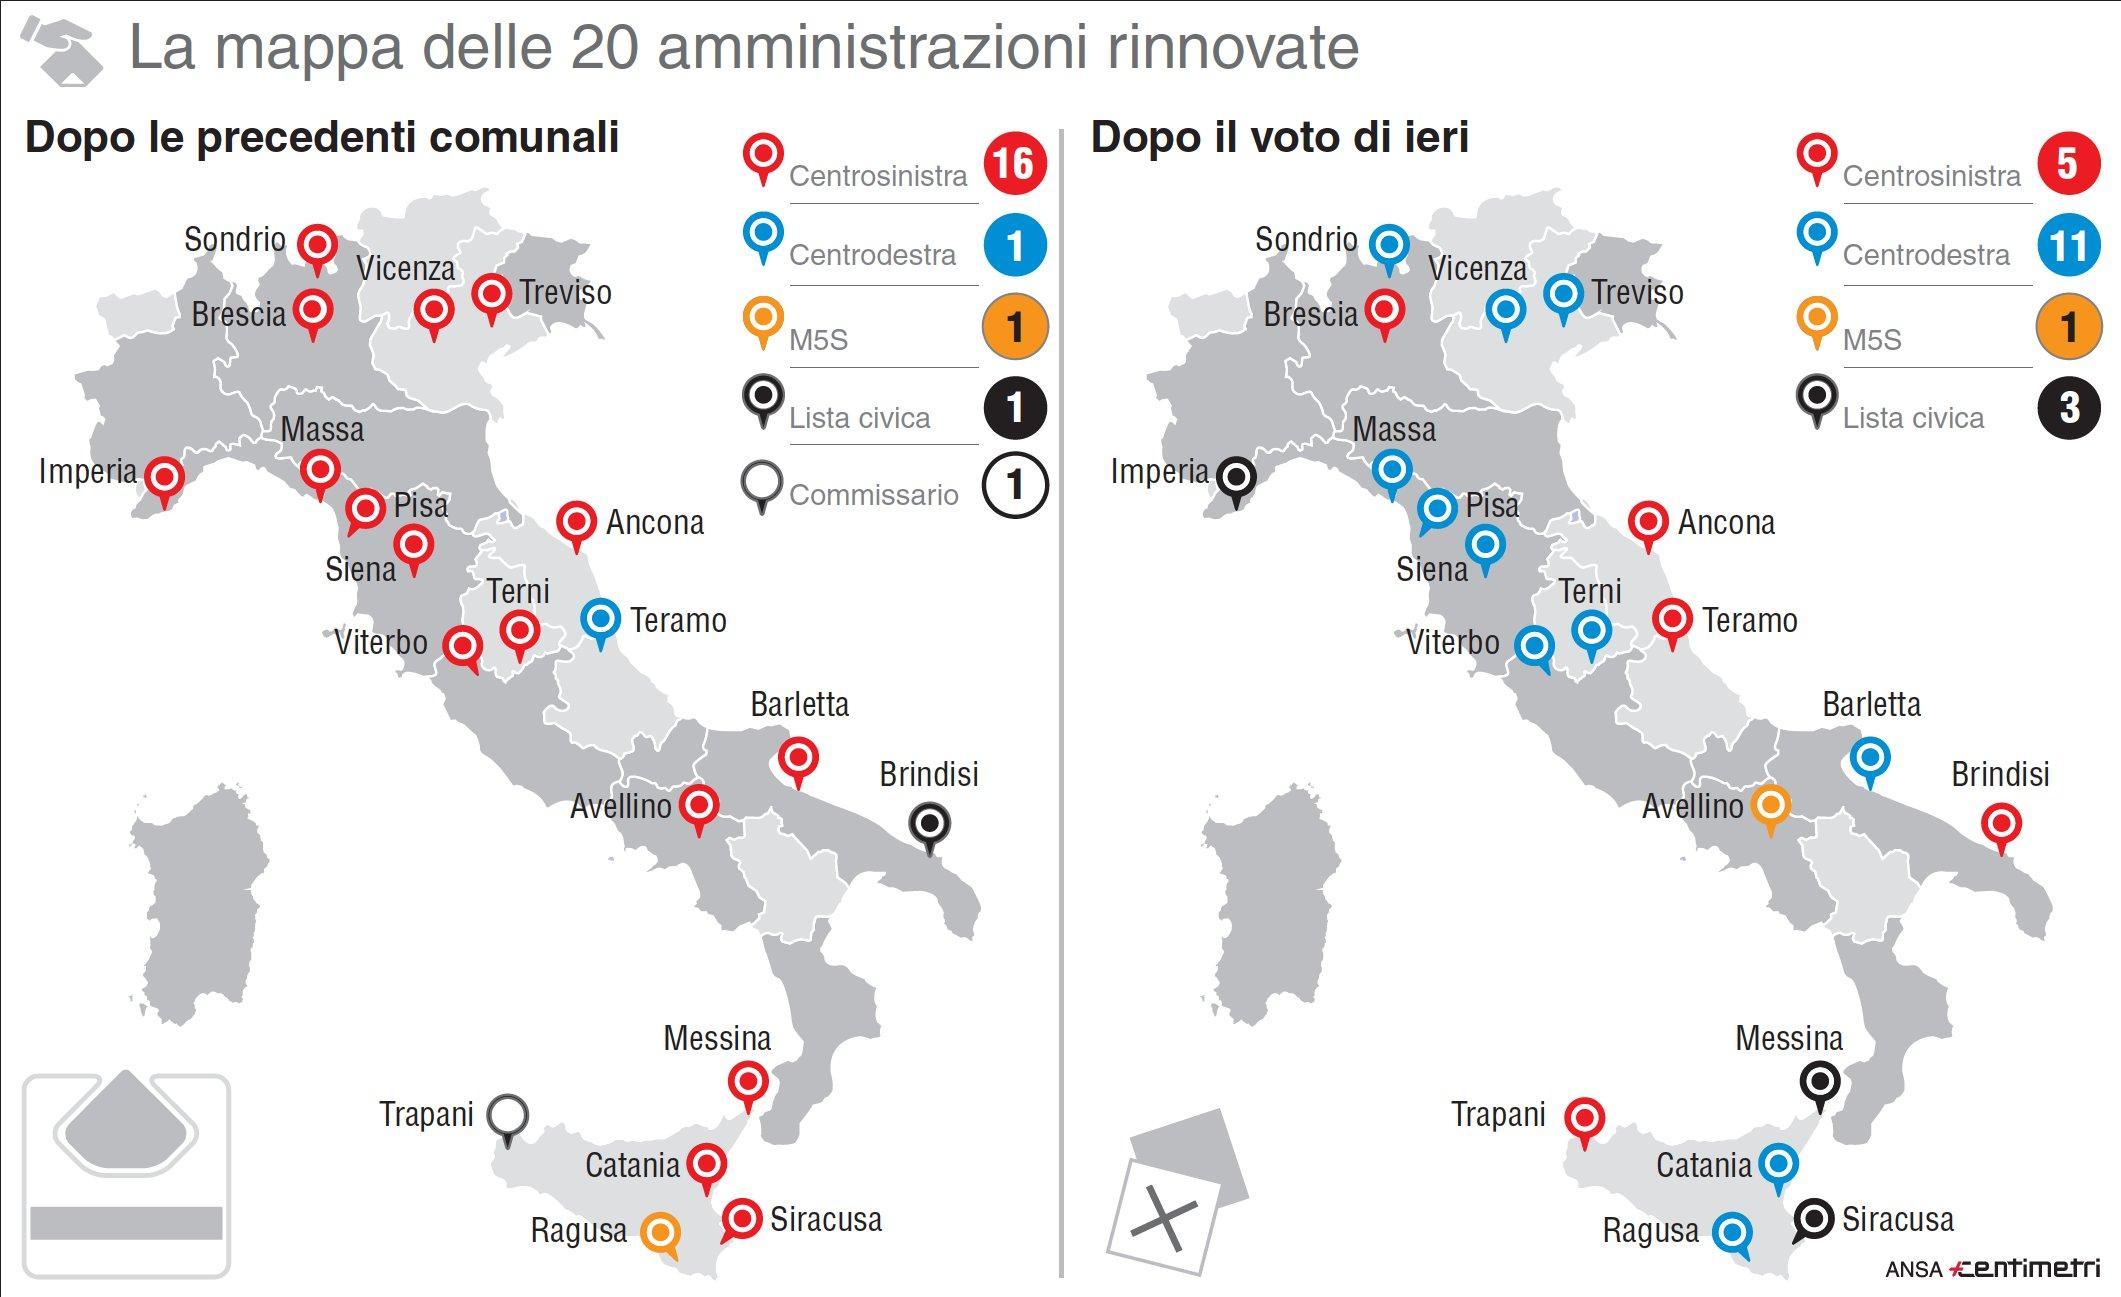 La mappa prima e dopo il voto